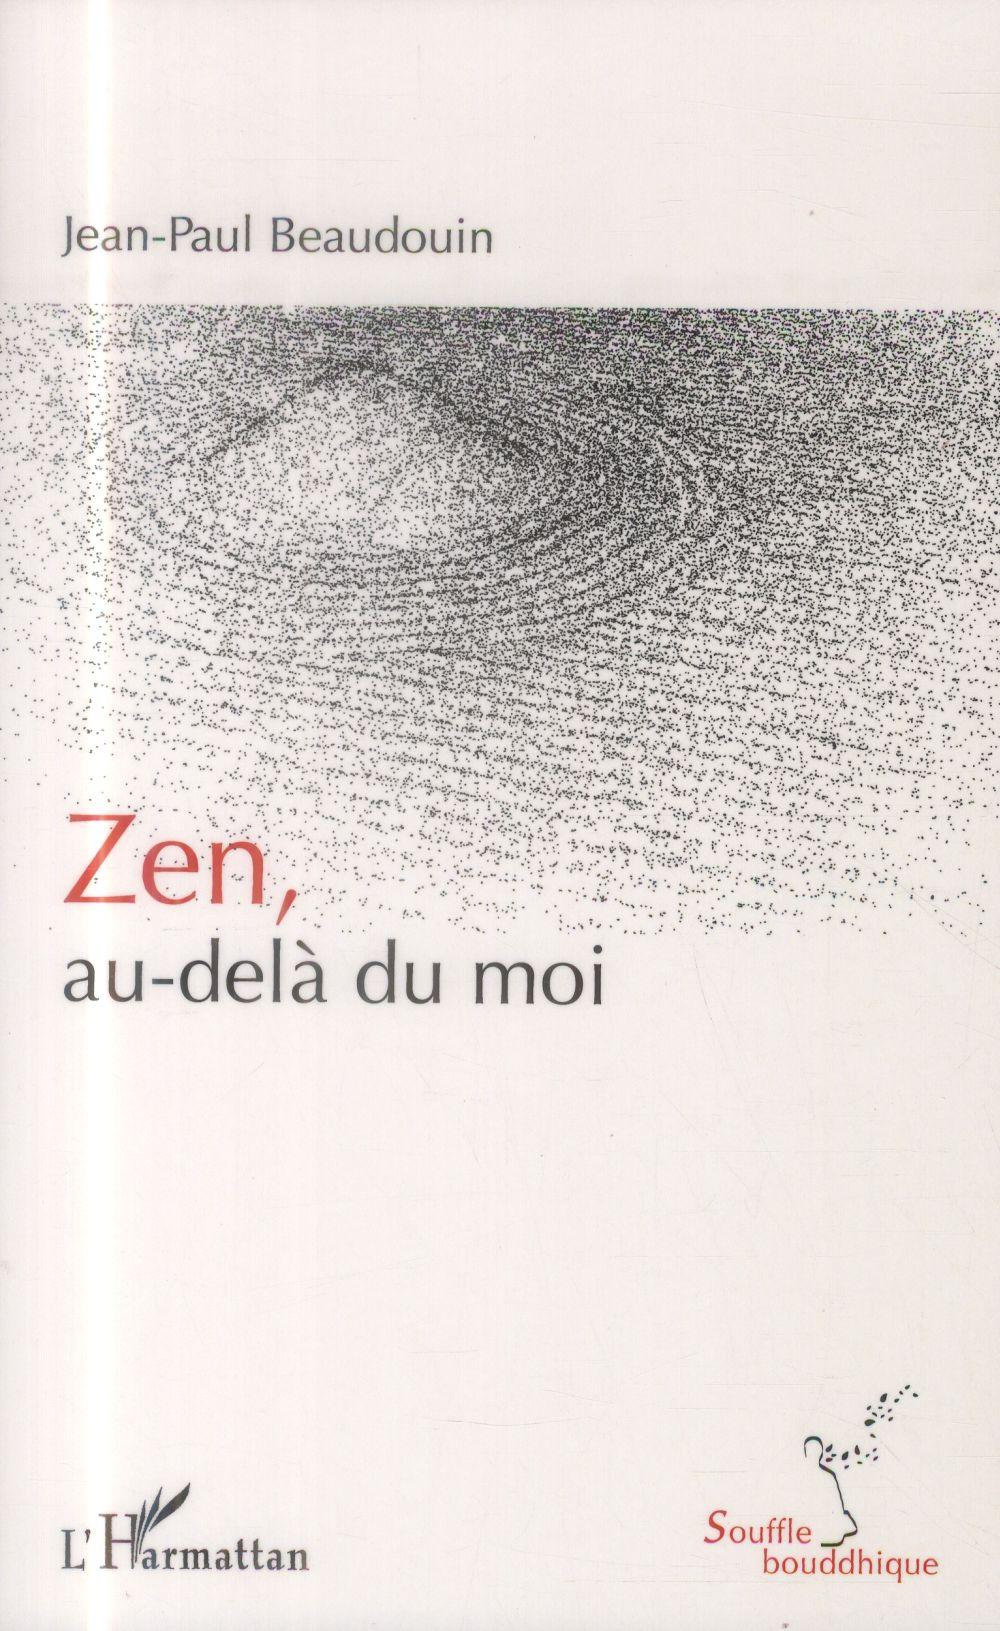 ZEN, AU-DELA DU MOI